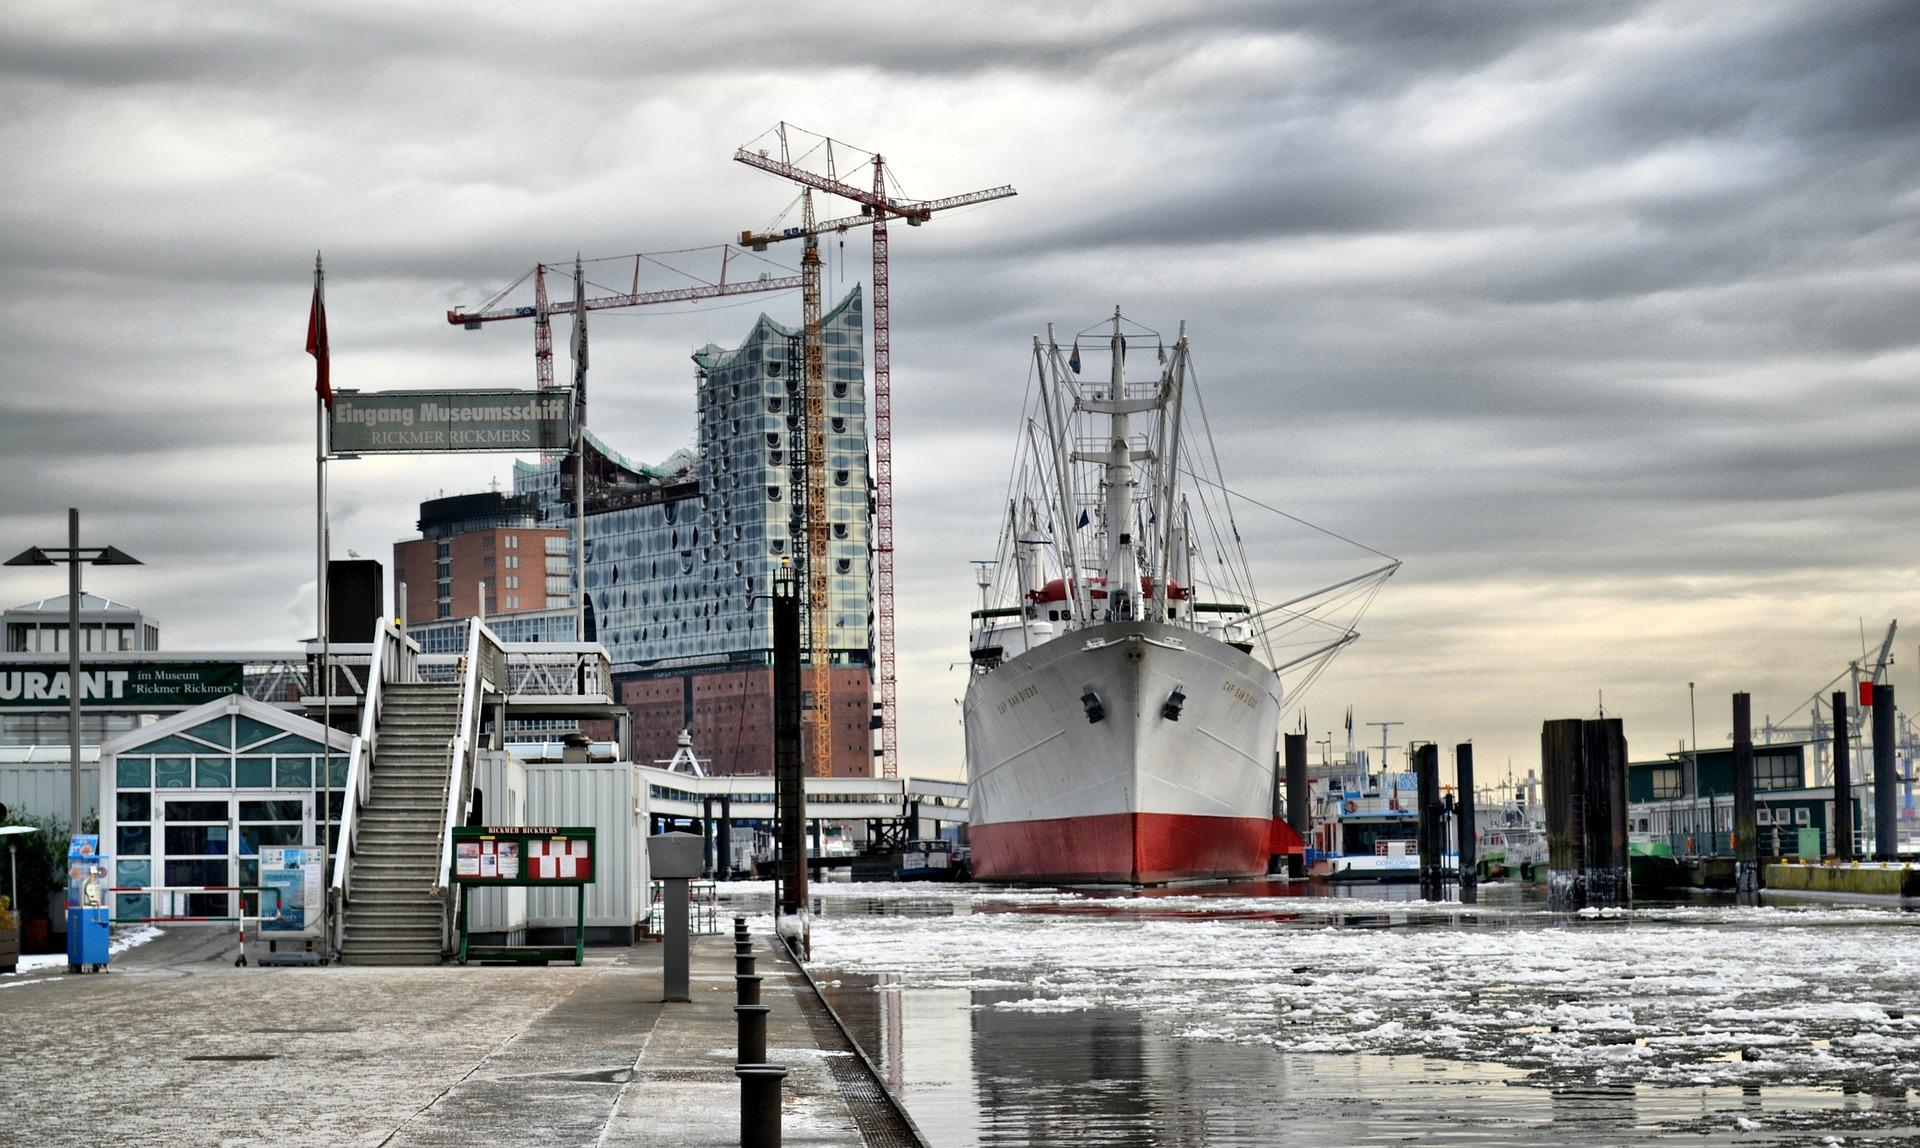 Ausblick Auf Den Hamburger Hafen Mit Schiff